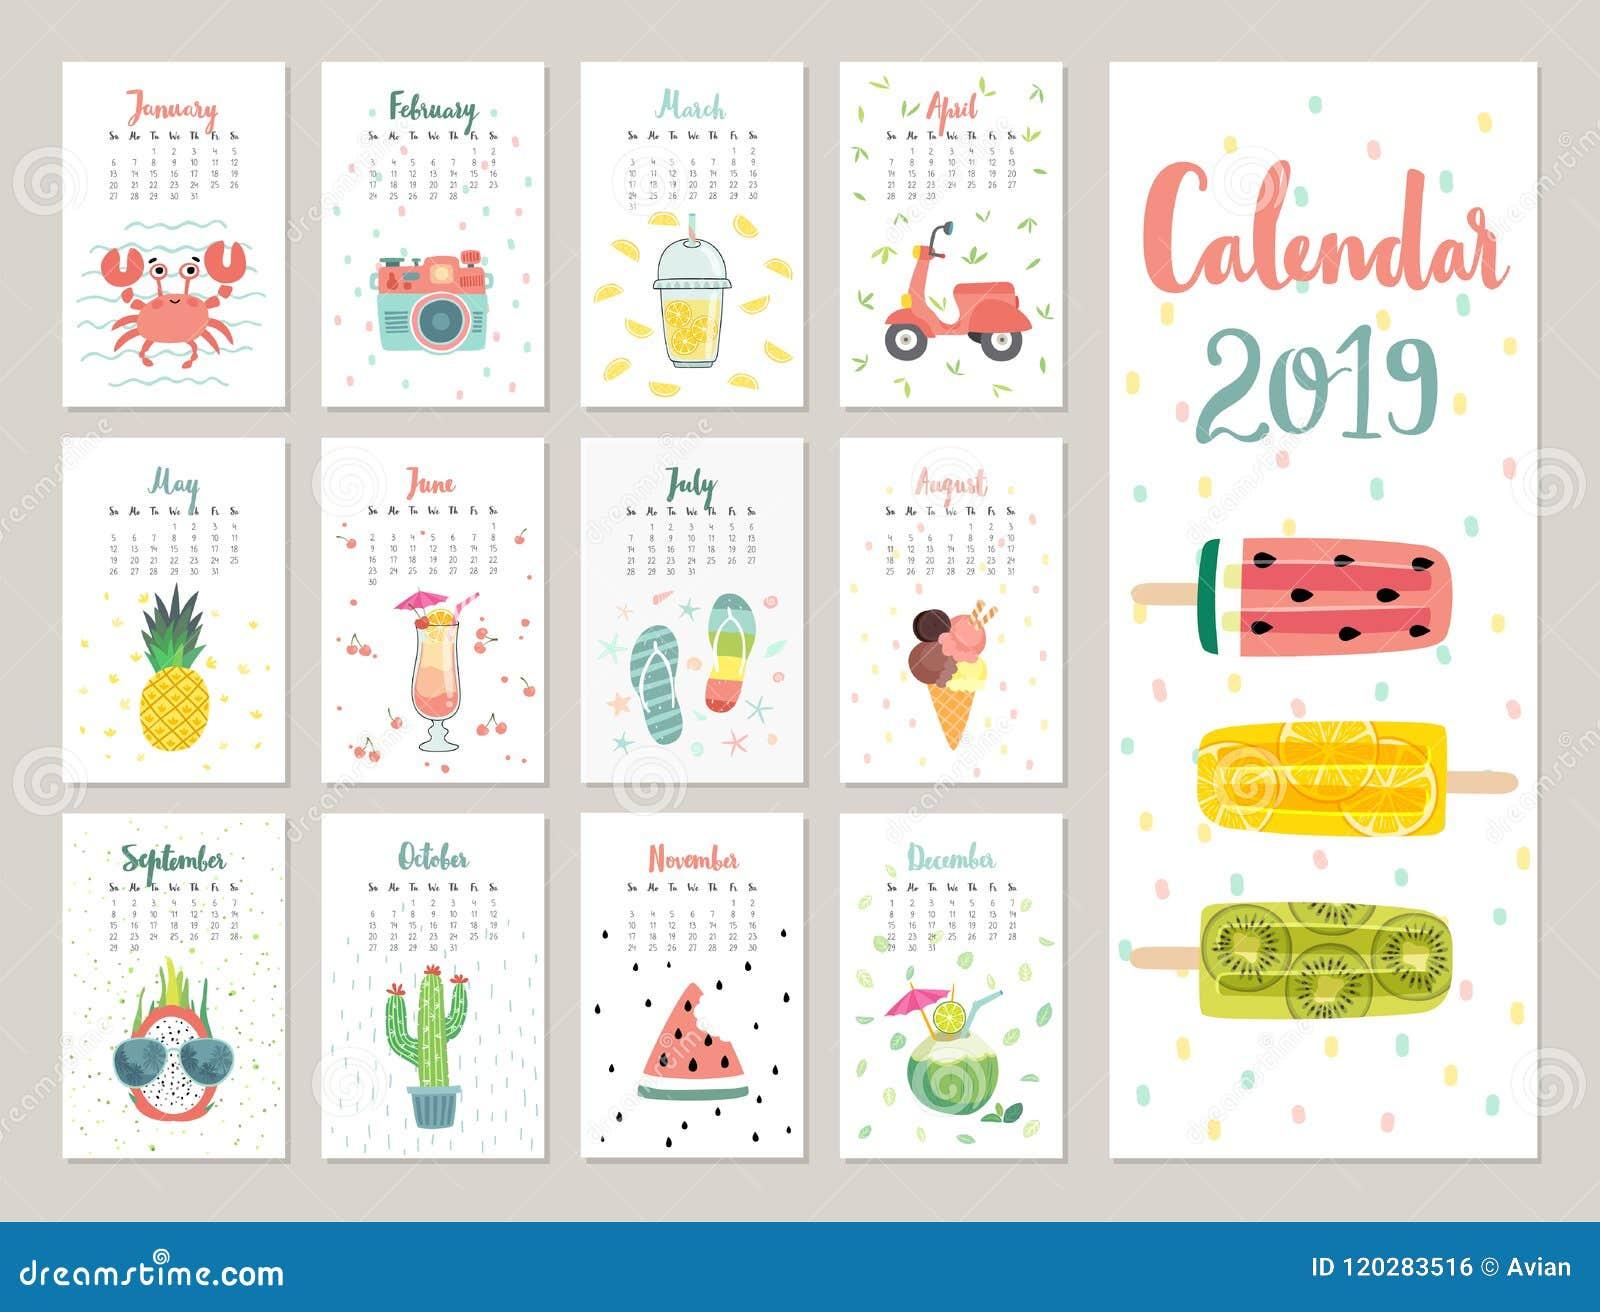 Calendario Per La Vita.Calendario 2019 Calendario Mensile Sveglio Con Gli Oggetti